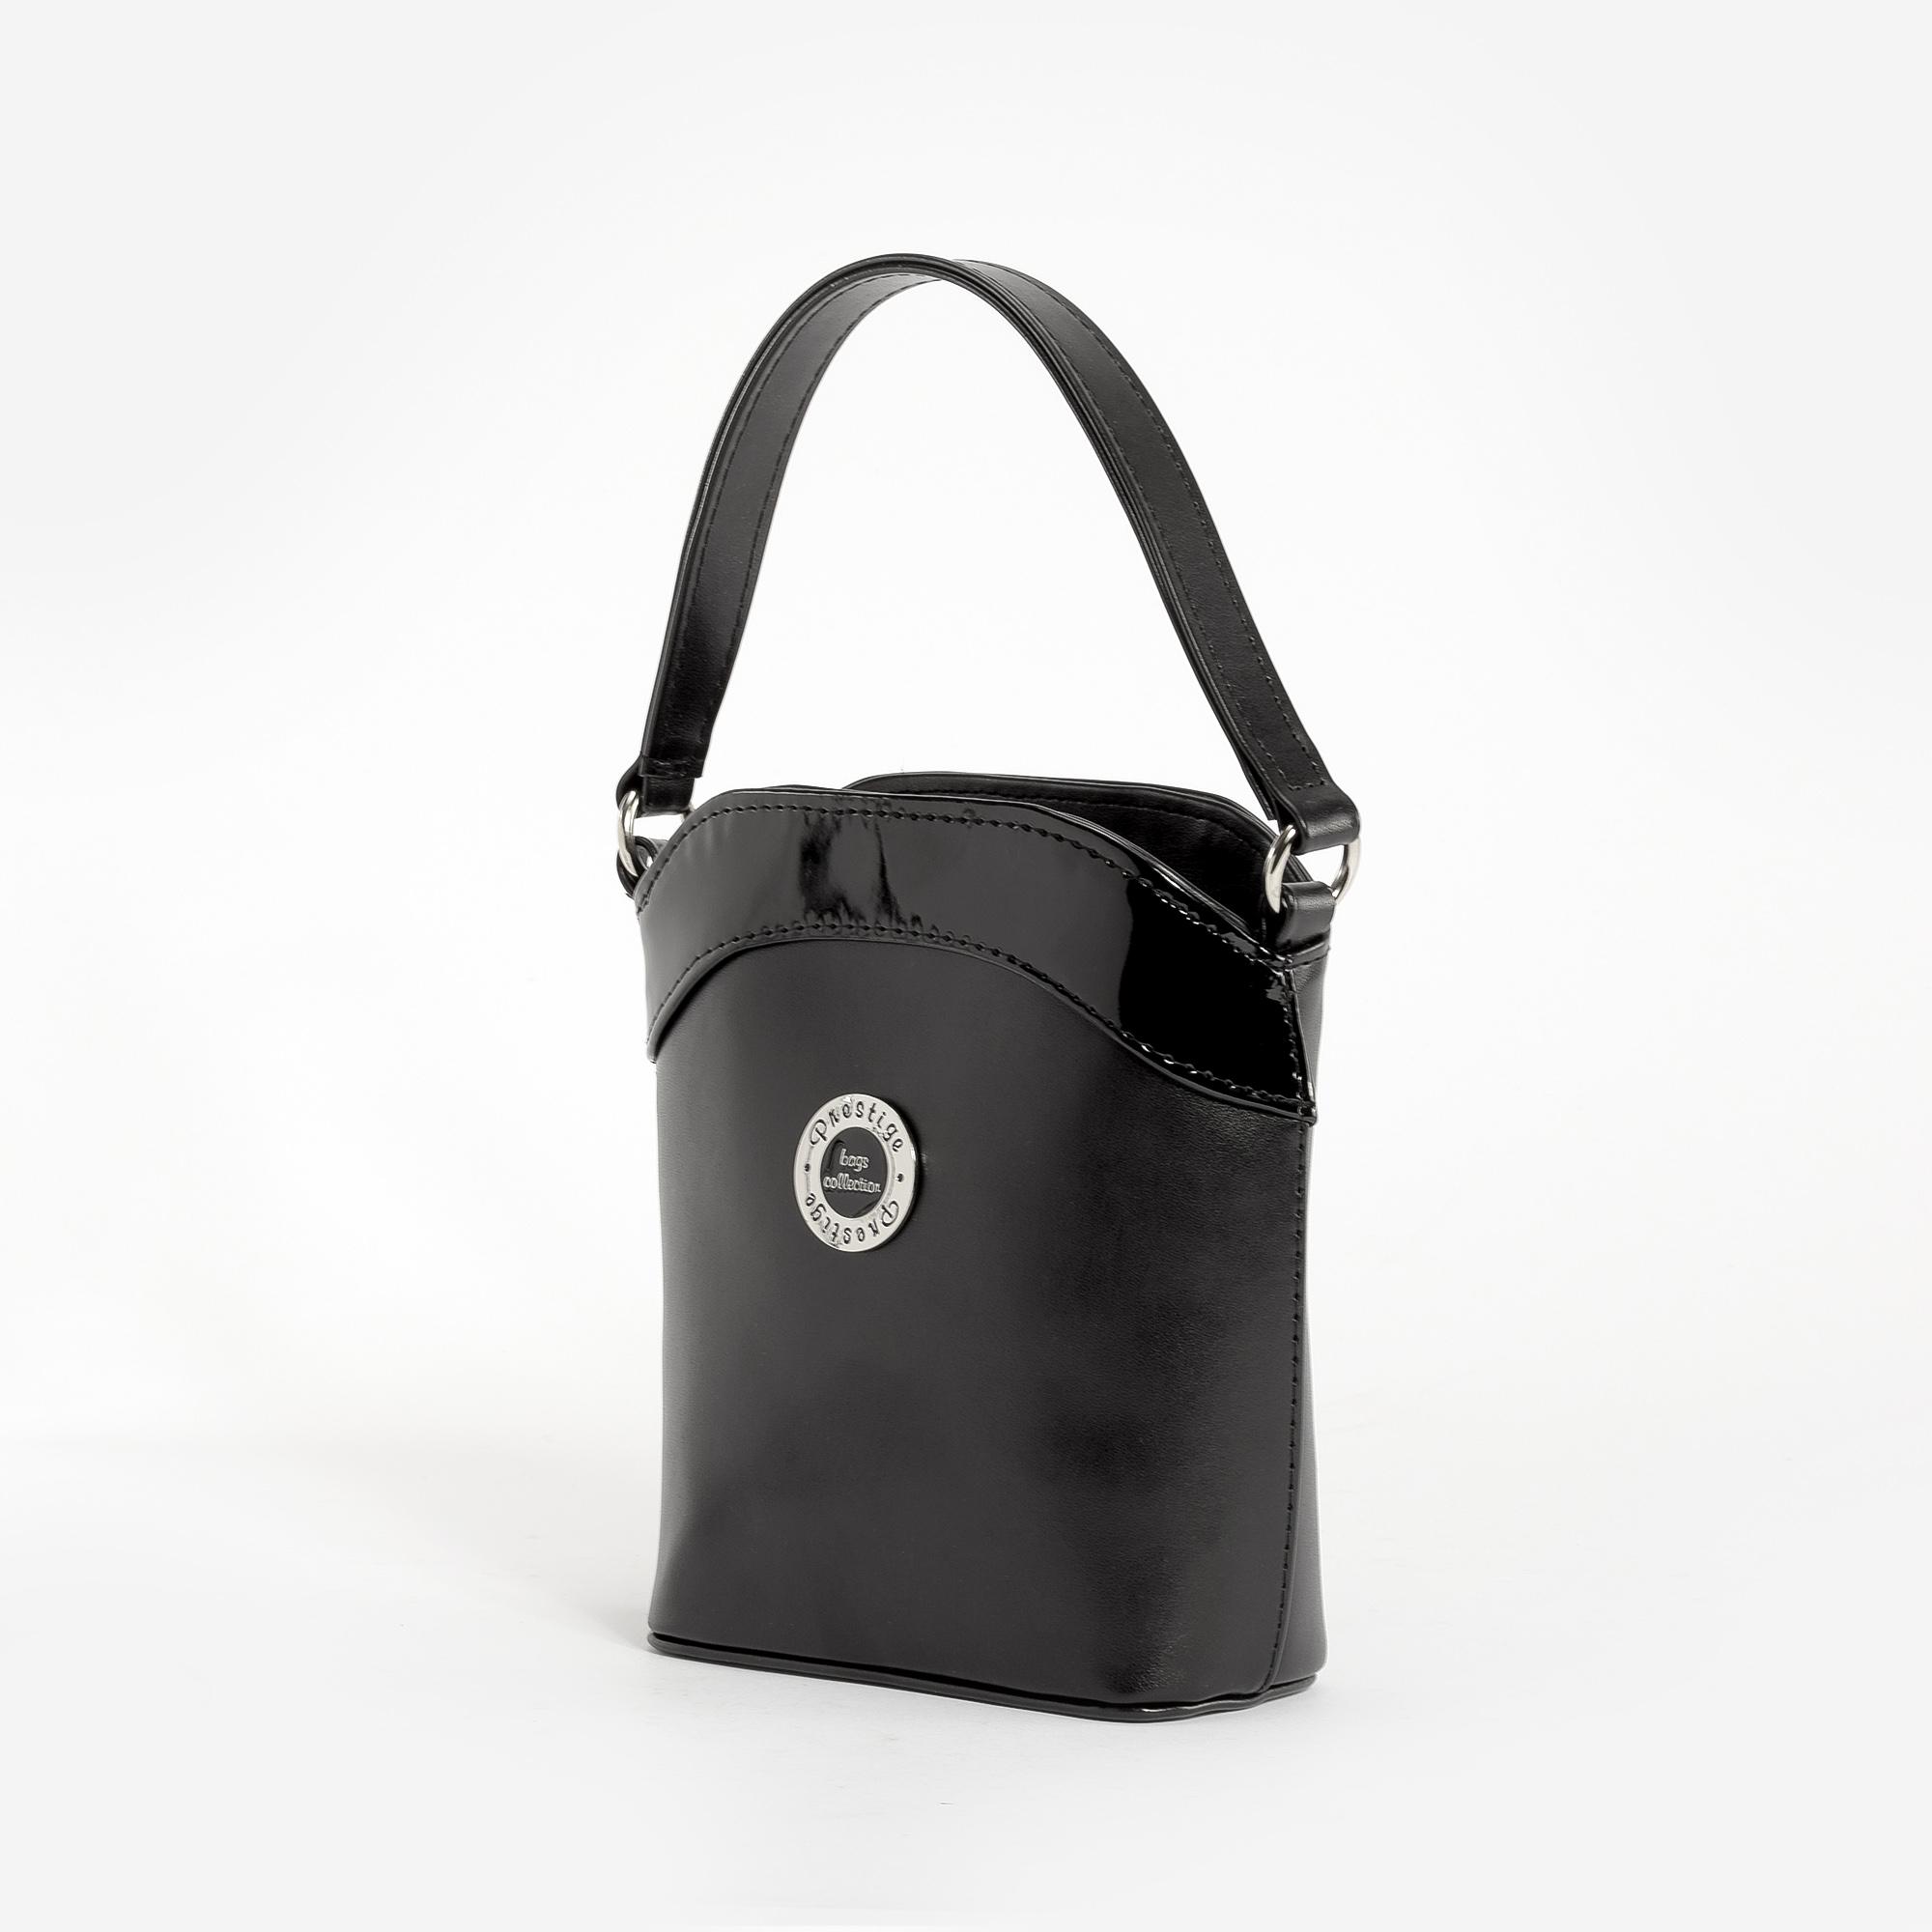 107b0603f328 Prestige Fekete Női Rostbőr Kézi és Válltáska - Kézitáskák - Táska webáruház  - Minőségi táskák mindenkinek